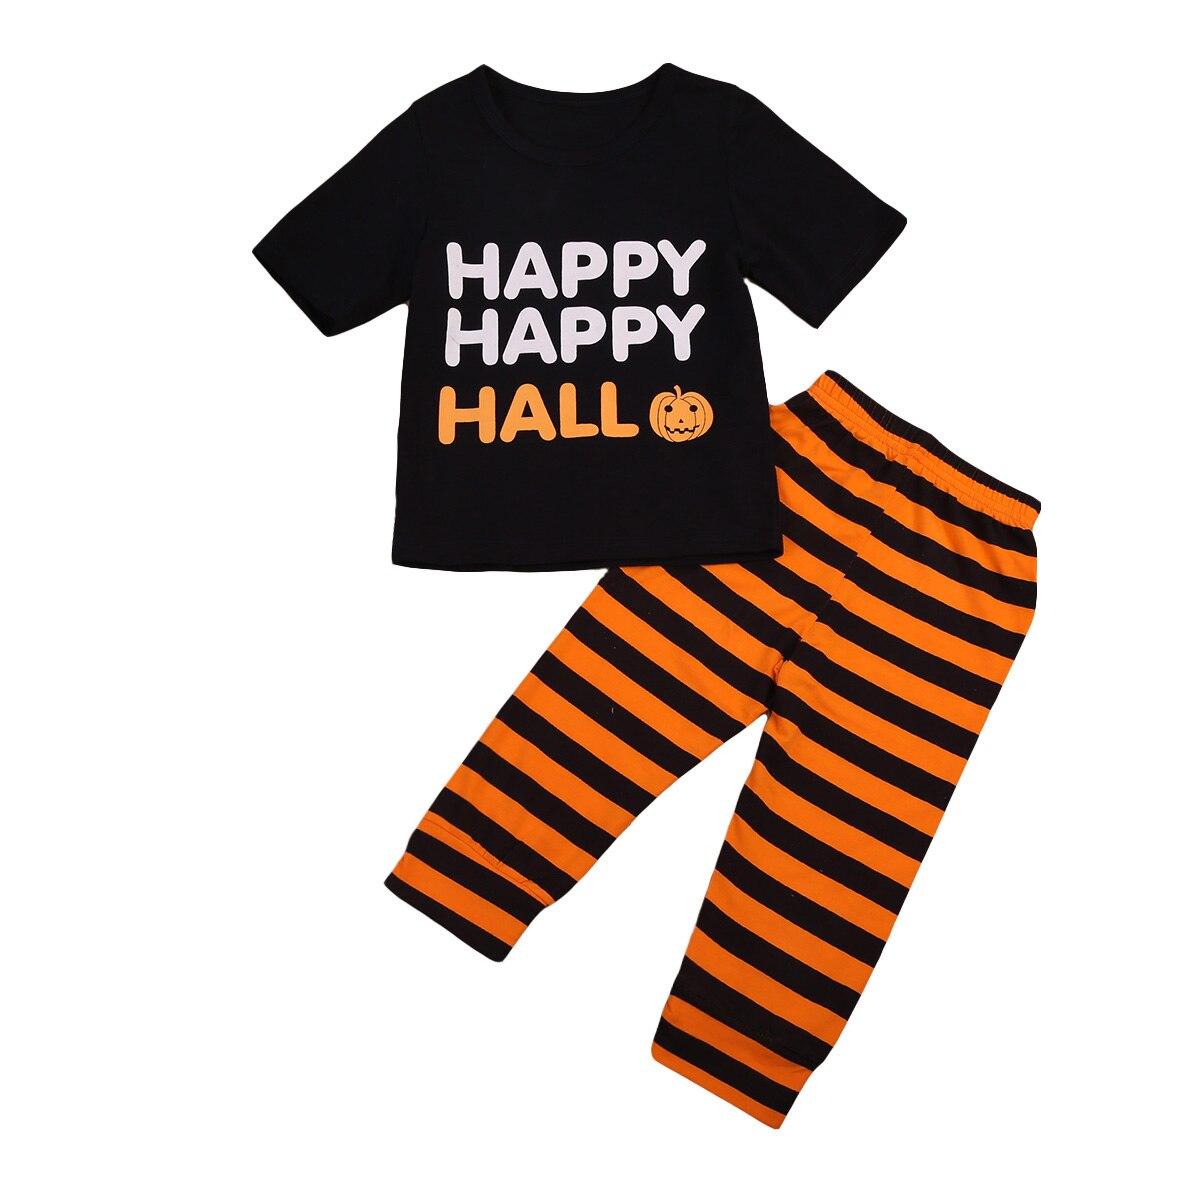 Распродажа 2 шт. Дети Малыш одежда для мальчиков и девочек на Хэллоуин комплект Happy Футболка Топ Полосатые штаны; костюм с леггинсами Одежда ...